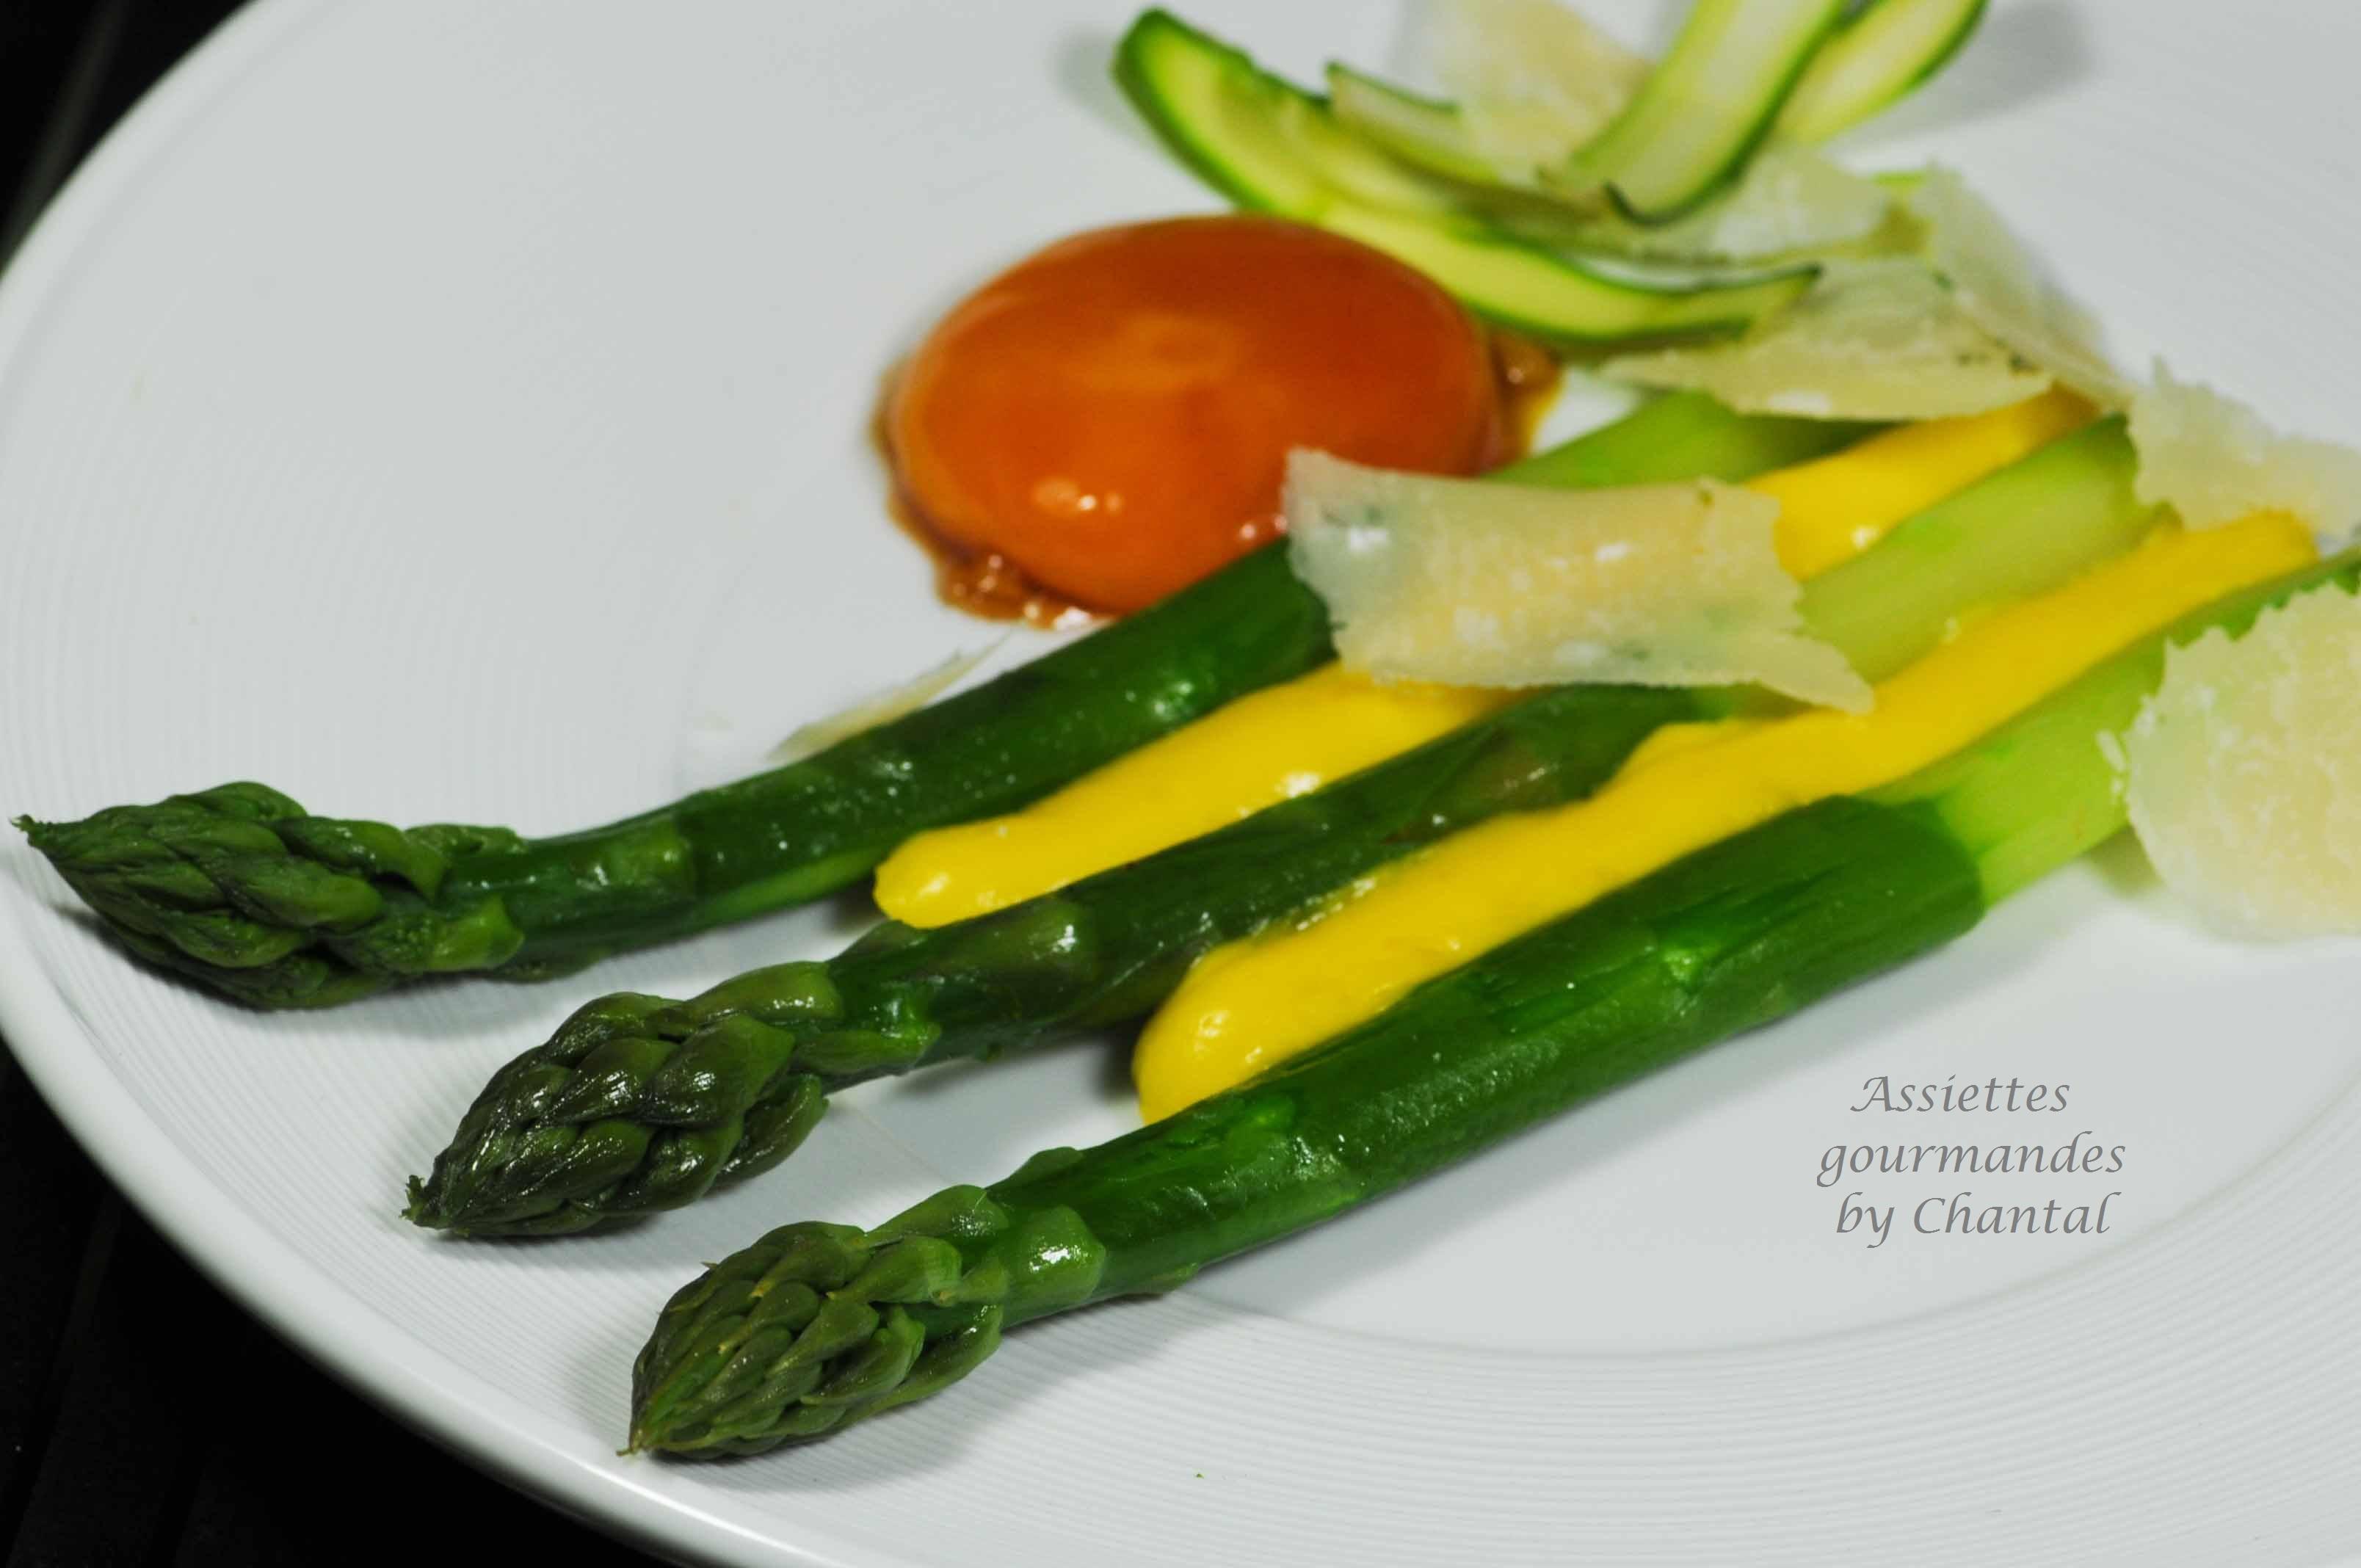 Asperges, sabayon huile d'olive et citron au Thermomix, oeuf mariné au soja